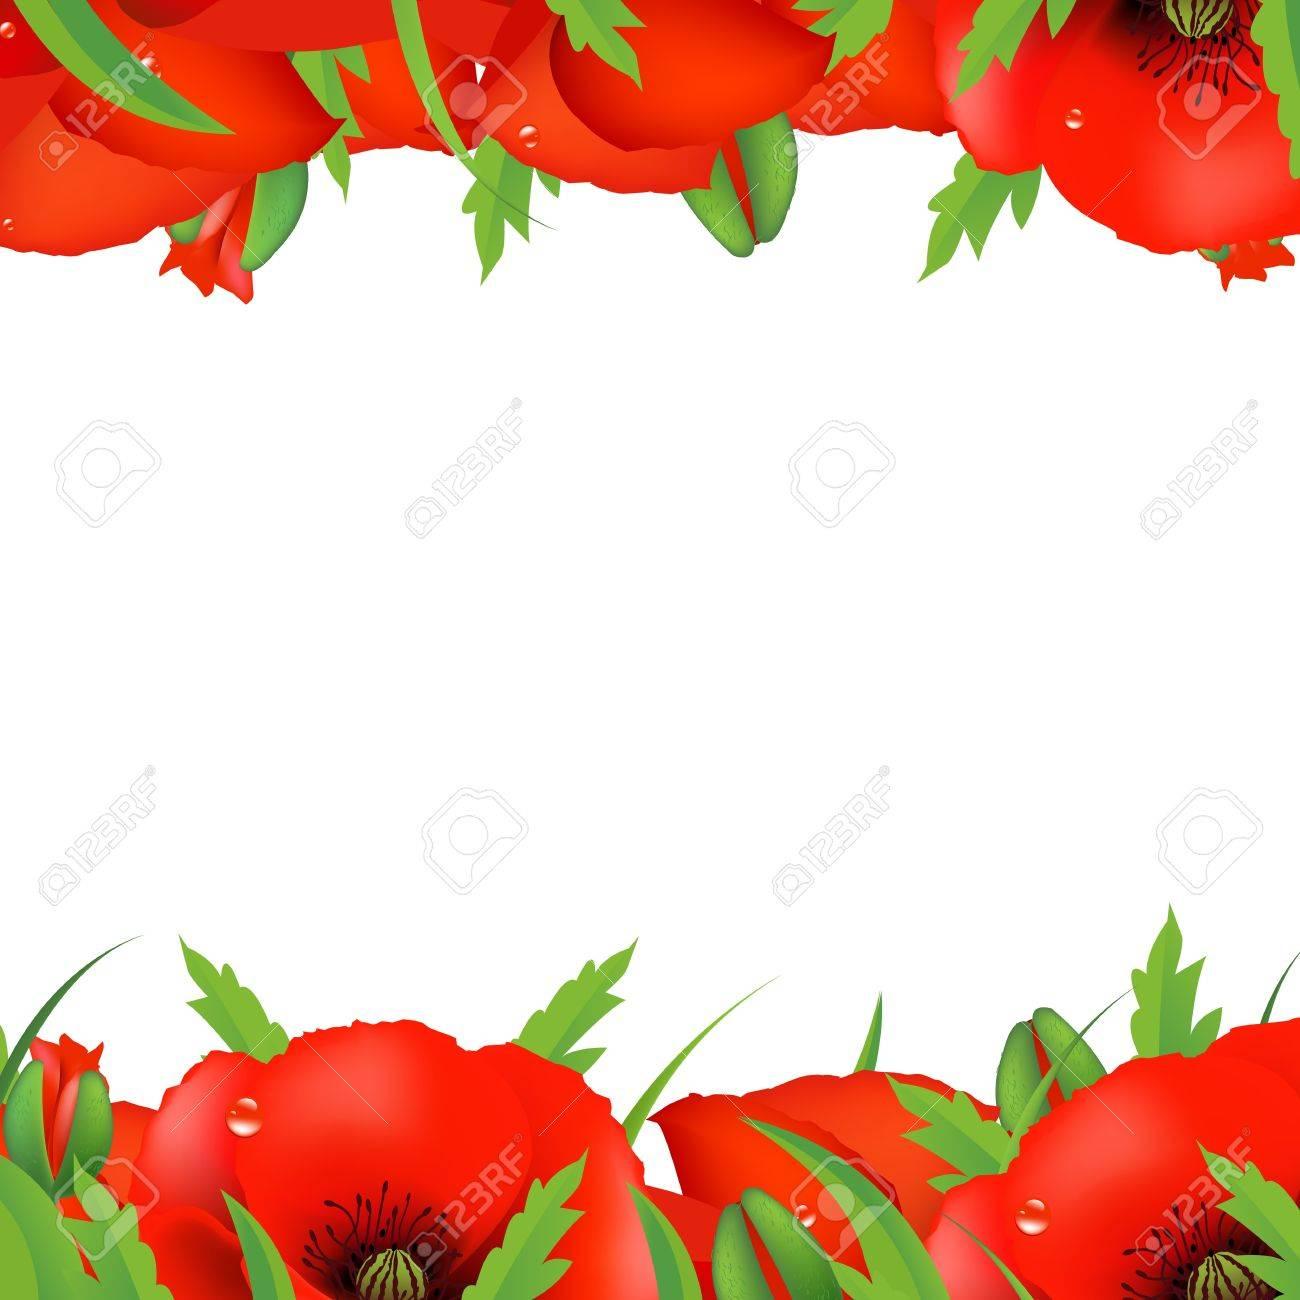 Red Poppy Border, Vector Illustration Stock Vector - 11976338